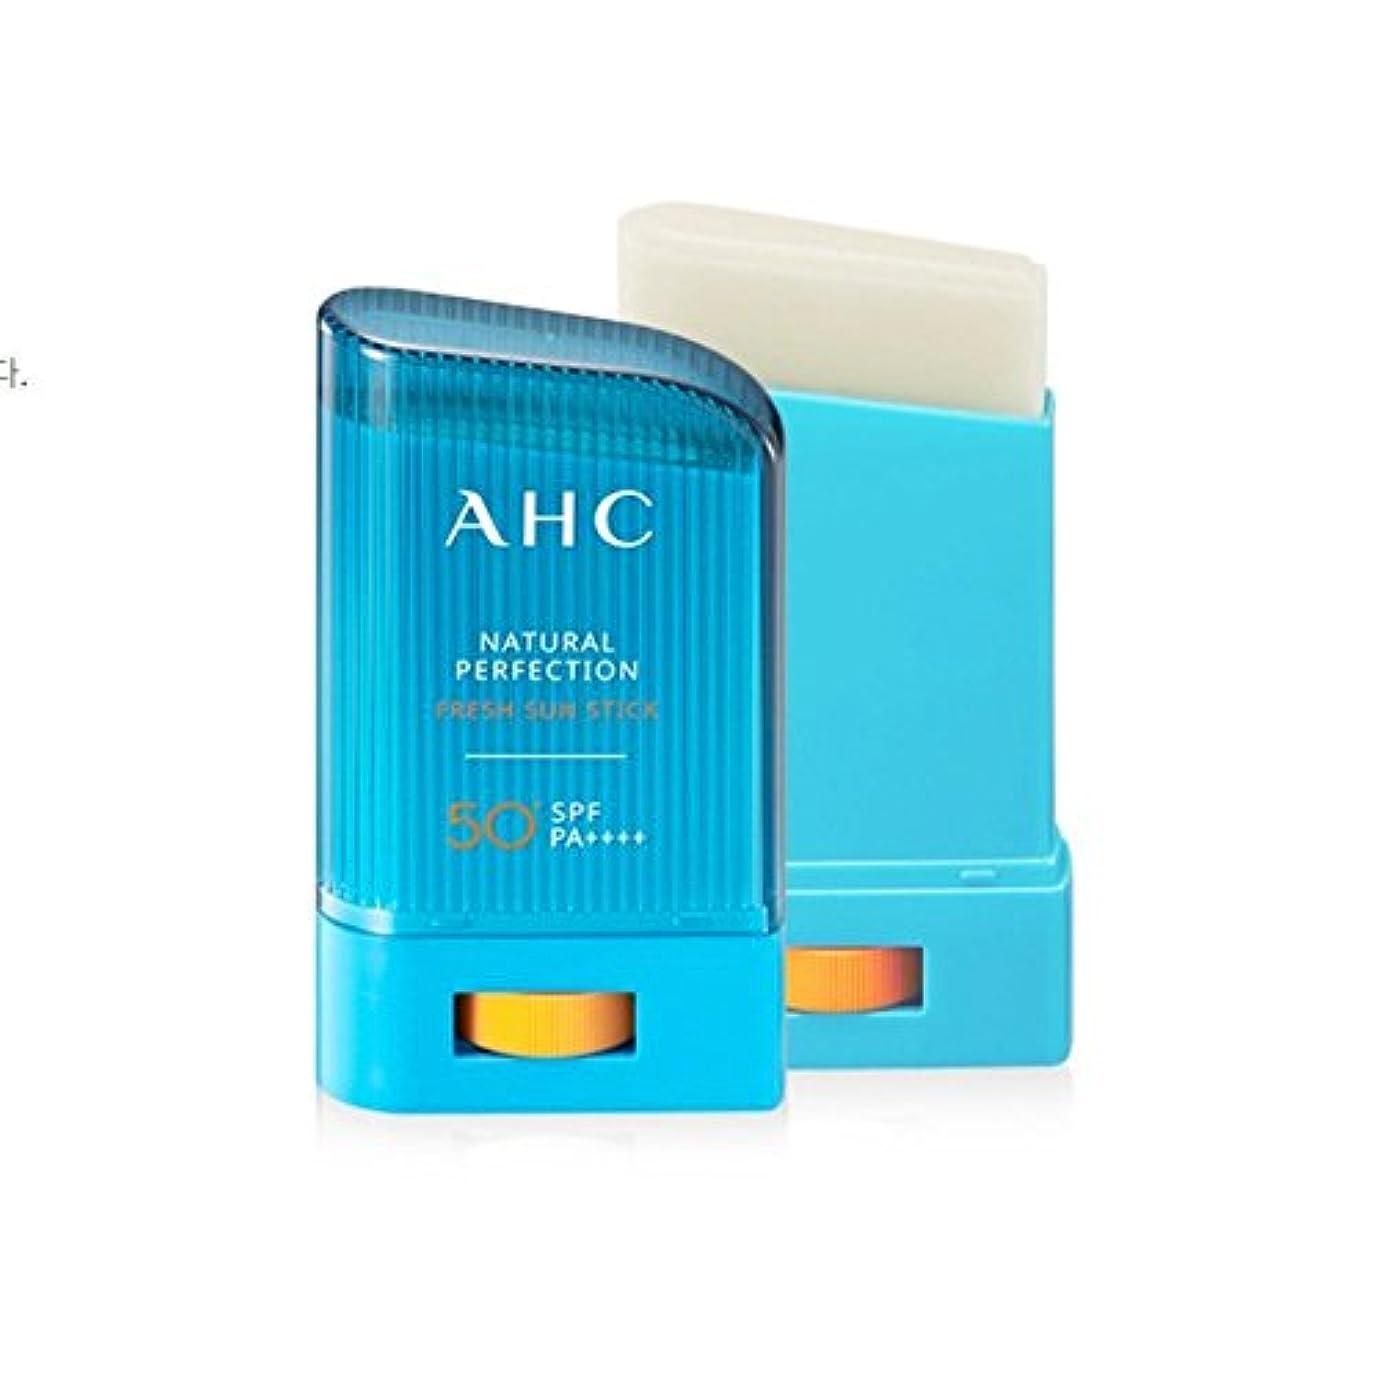 美的トムオードリースラッドヤードキップリング[1+1] AHC Natural Perfection Fresh Sun Stick ナチュラルパーフェクションフレッシュサンスティック 22g * 2個 [並行輸入品]